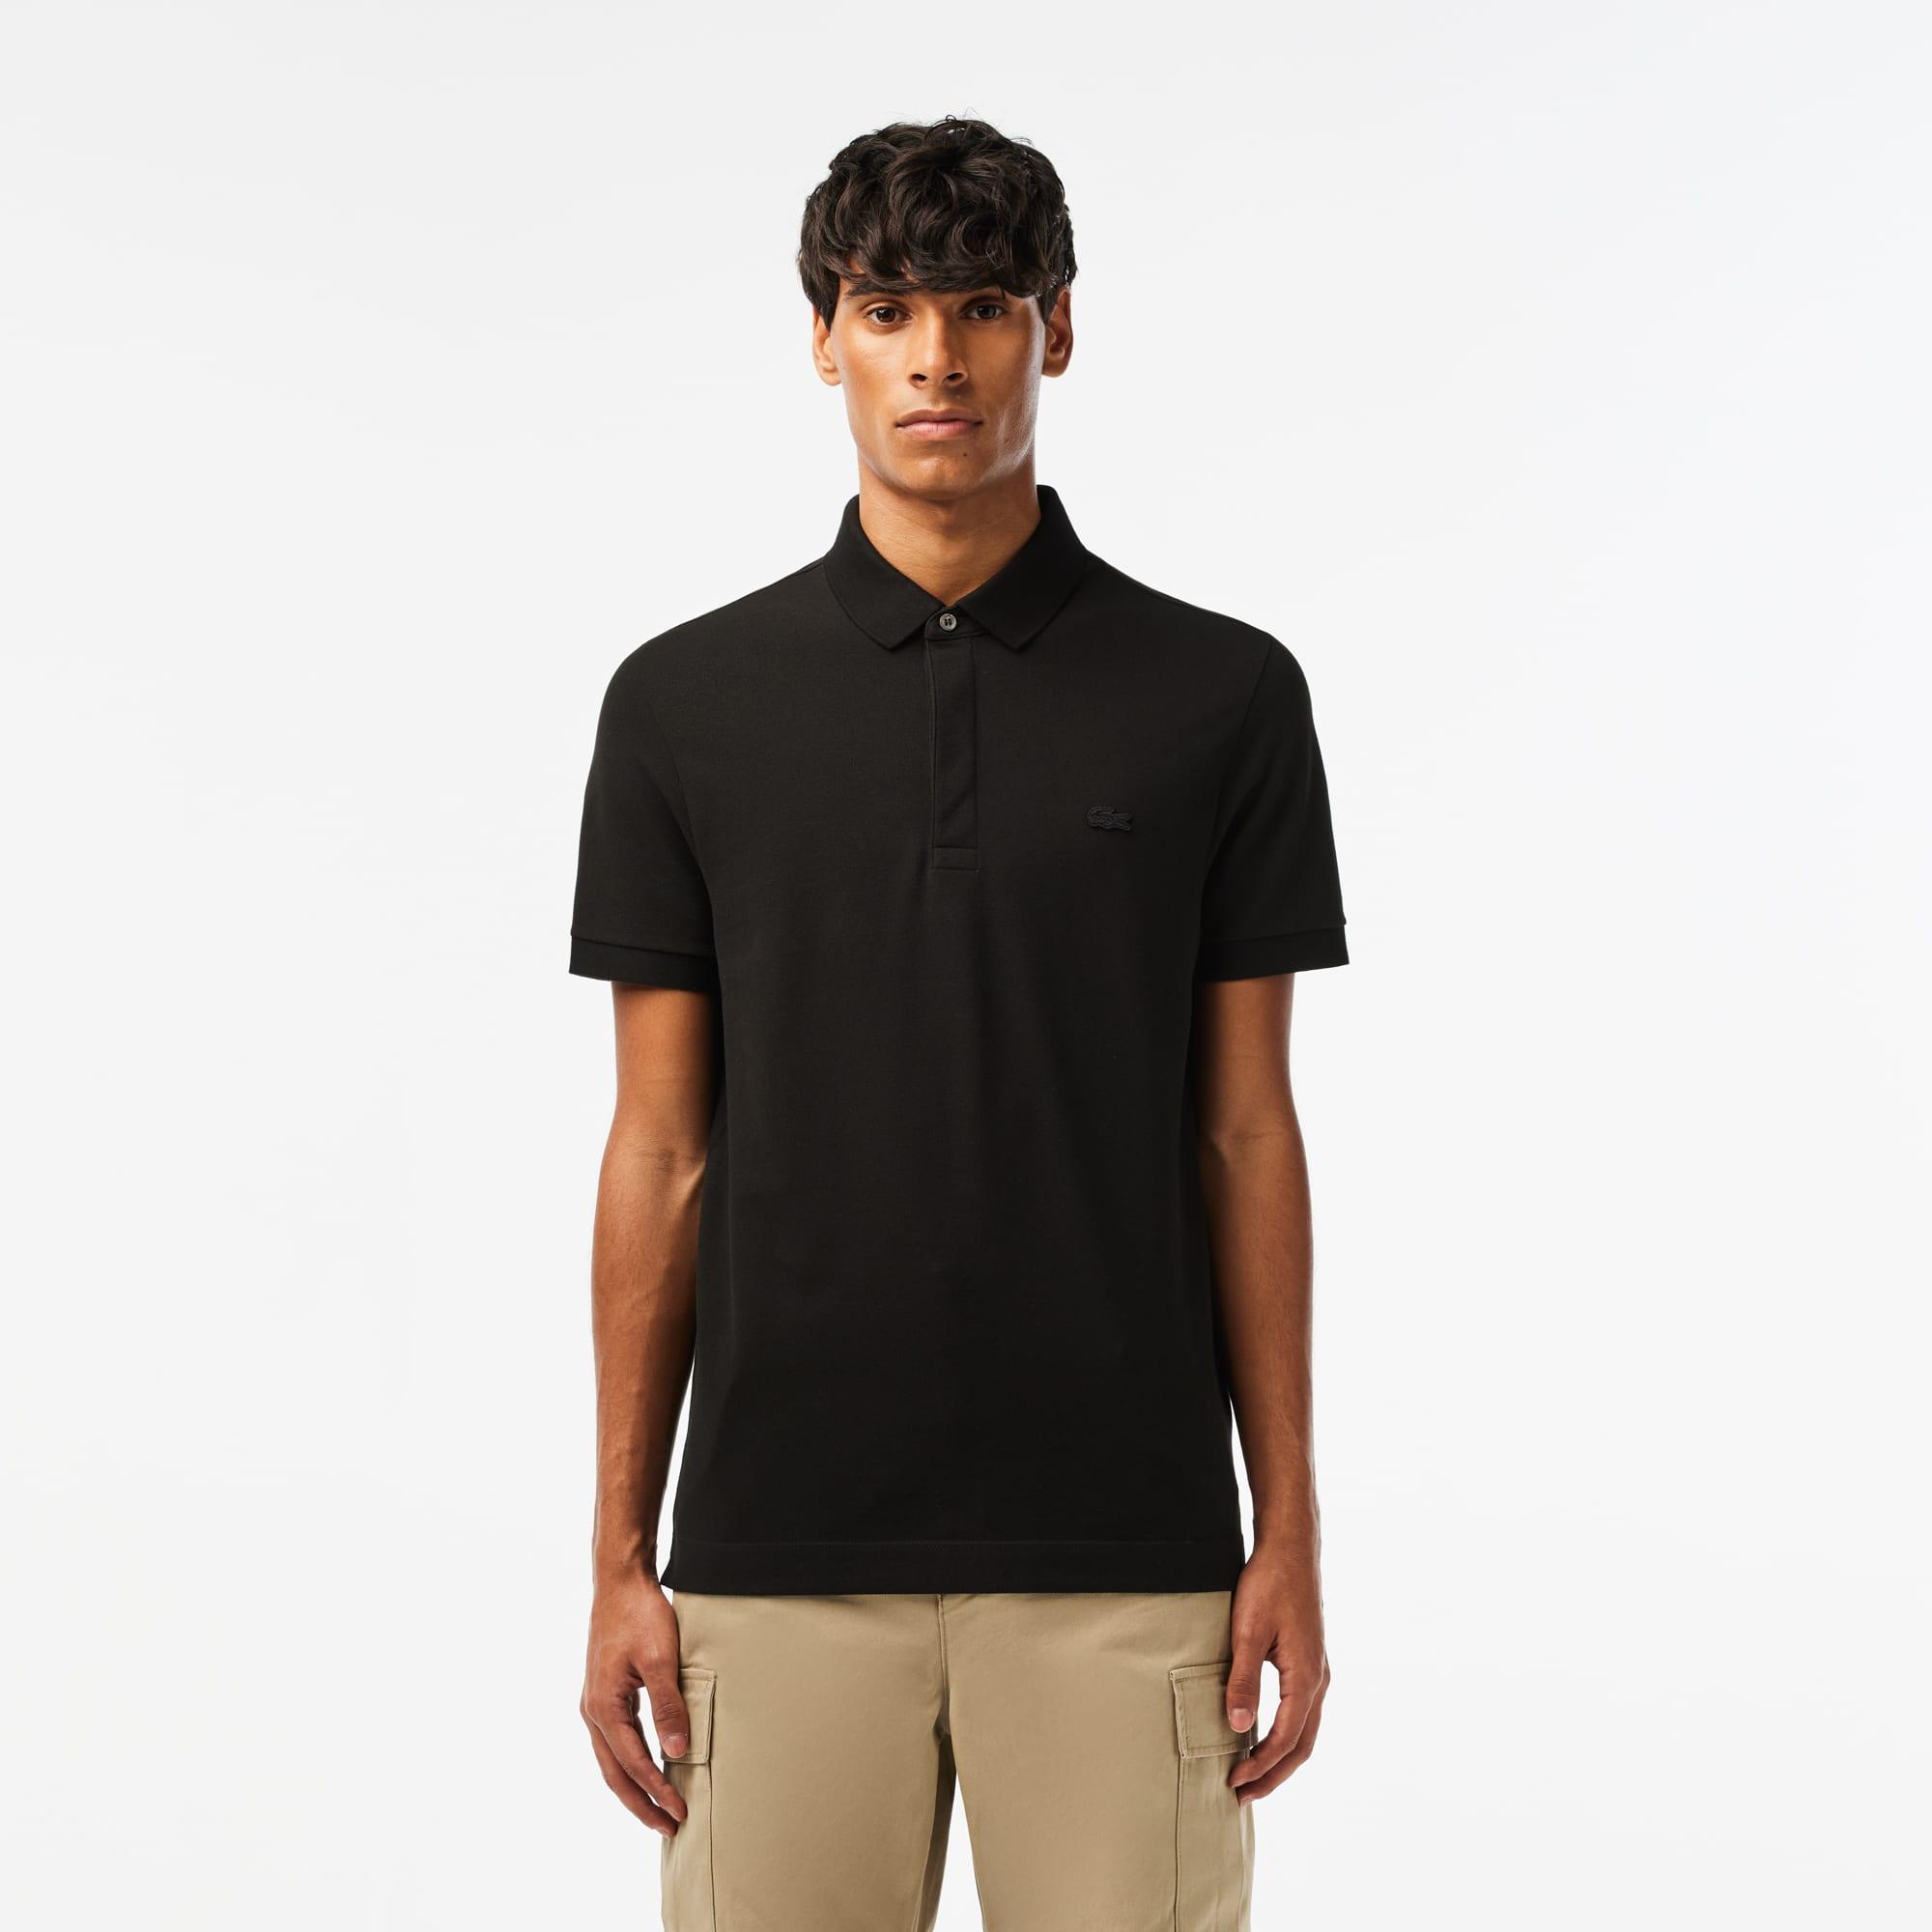 a5efc5878a Men's Lacoste Paris Polo Shirt Regular Fit Stretch Cotton Piqué